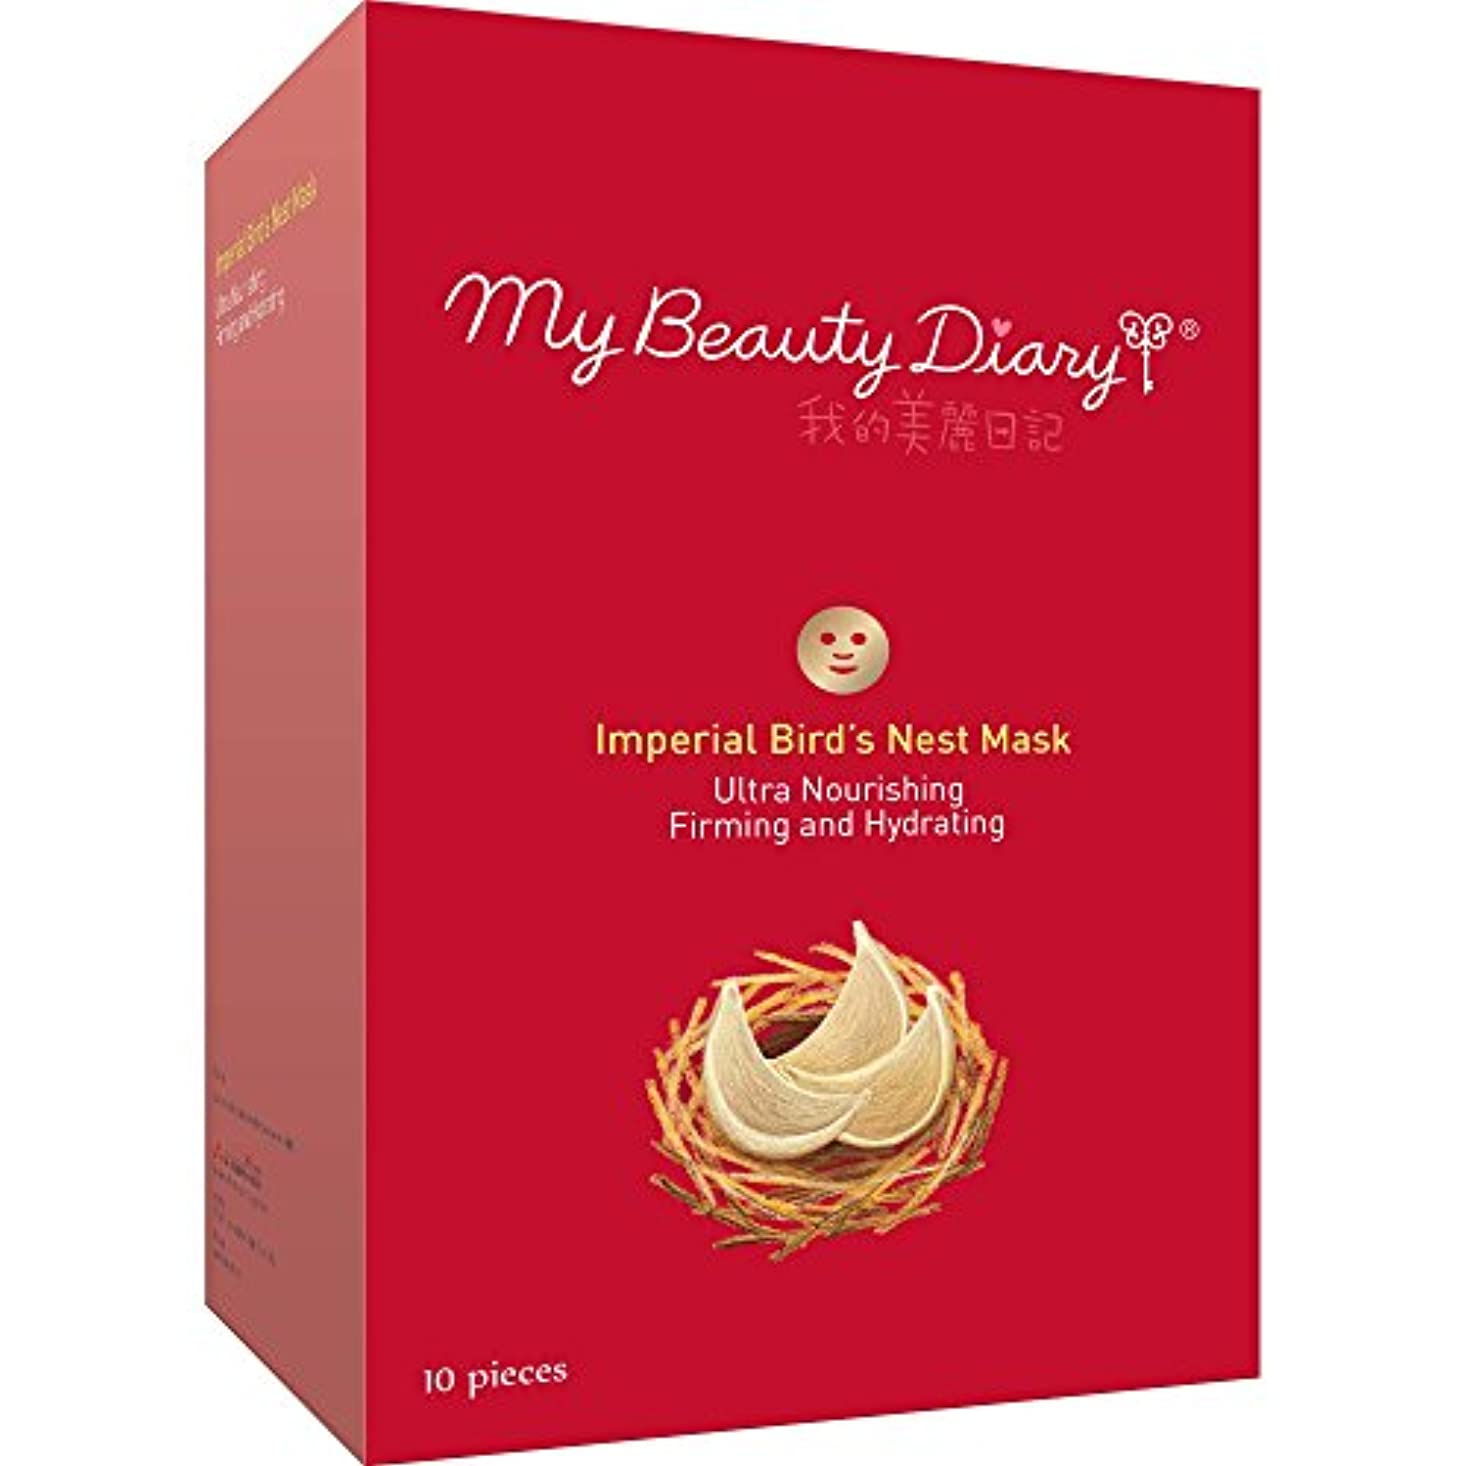 月アスリート記念碑的なMy Beauty Diary - Imperial Nest Facial Mask